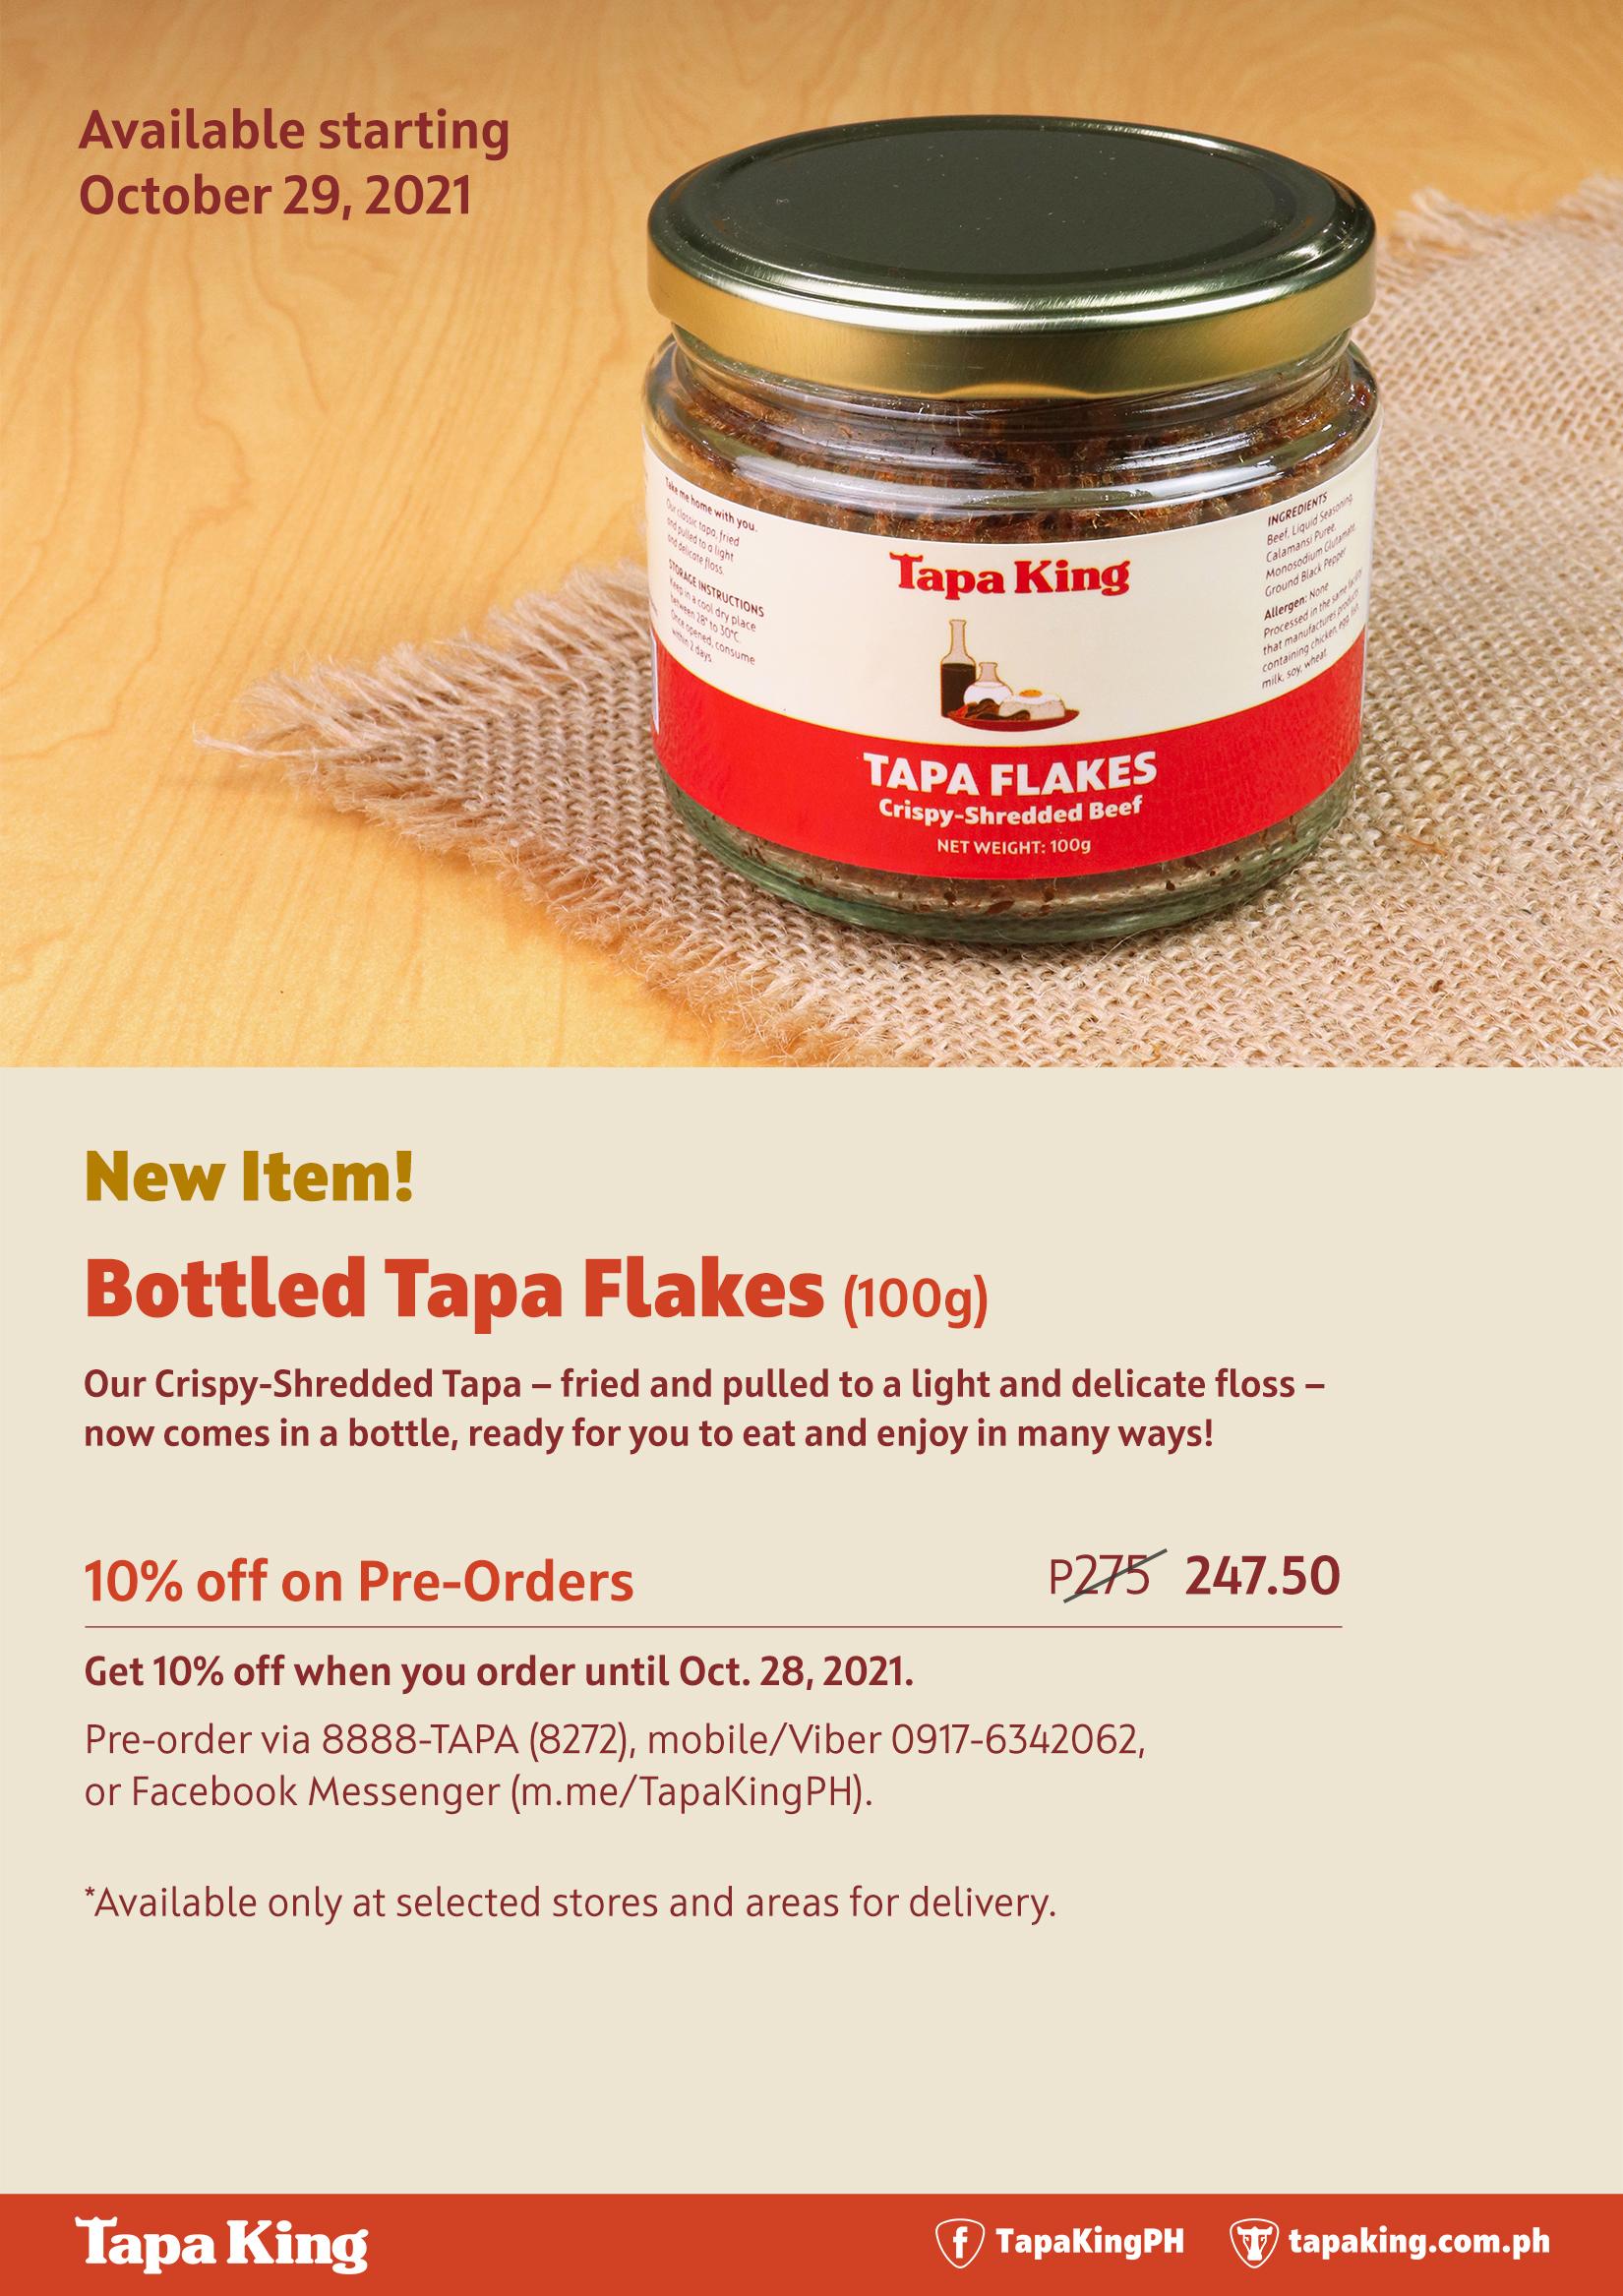 Tapa King - Bottled Tapa Flakes